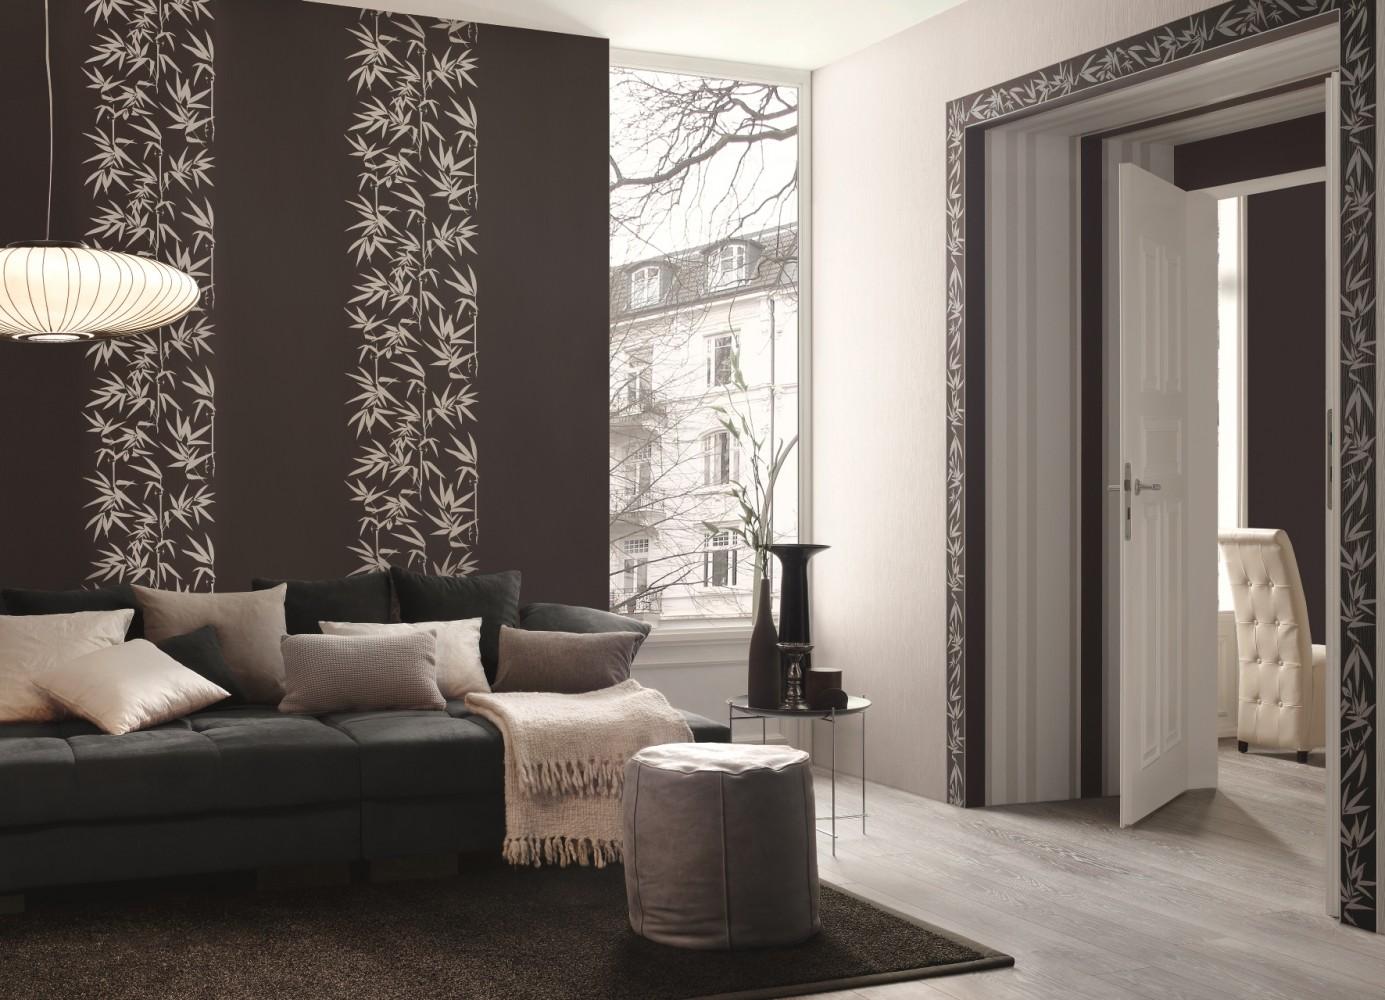 Tapeten design ideen wohnzimmer ~ brimob.com for .